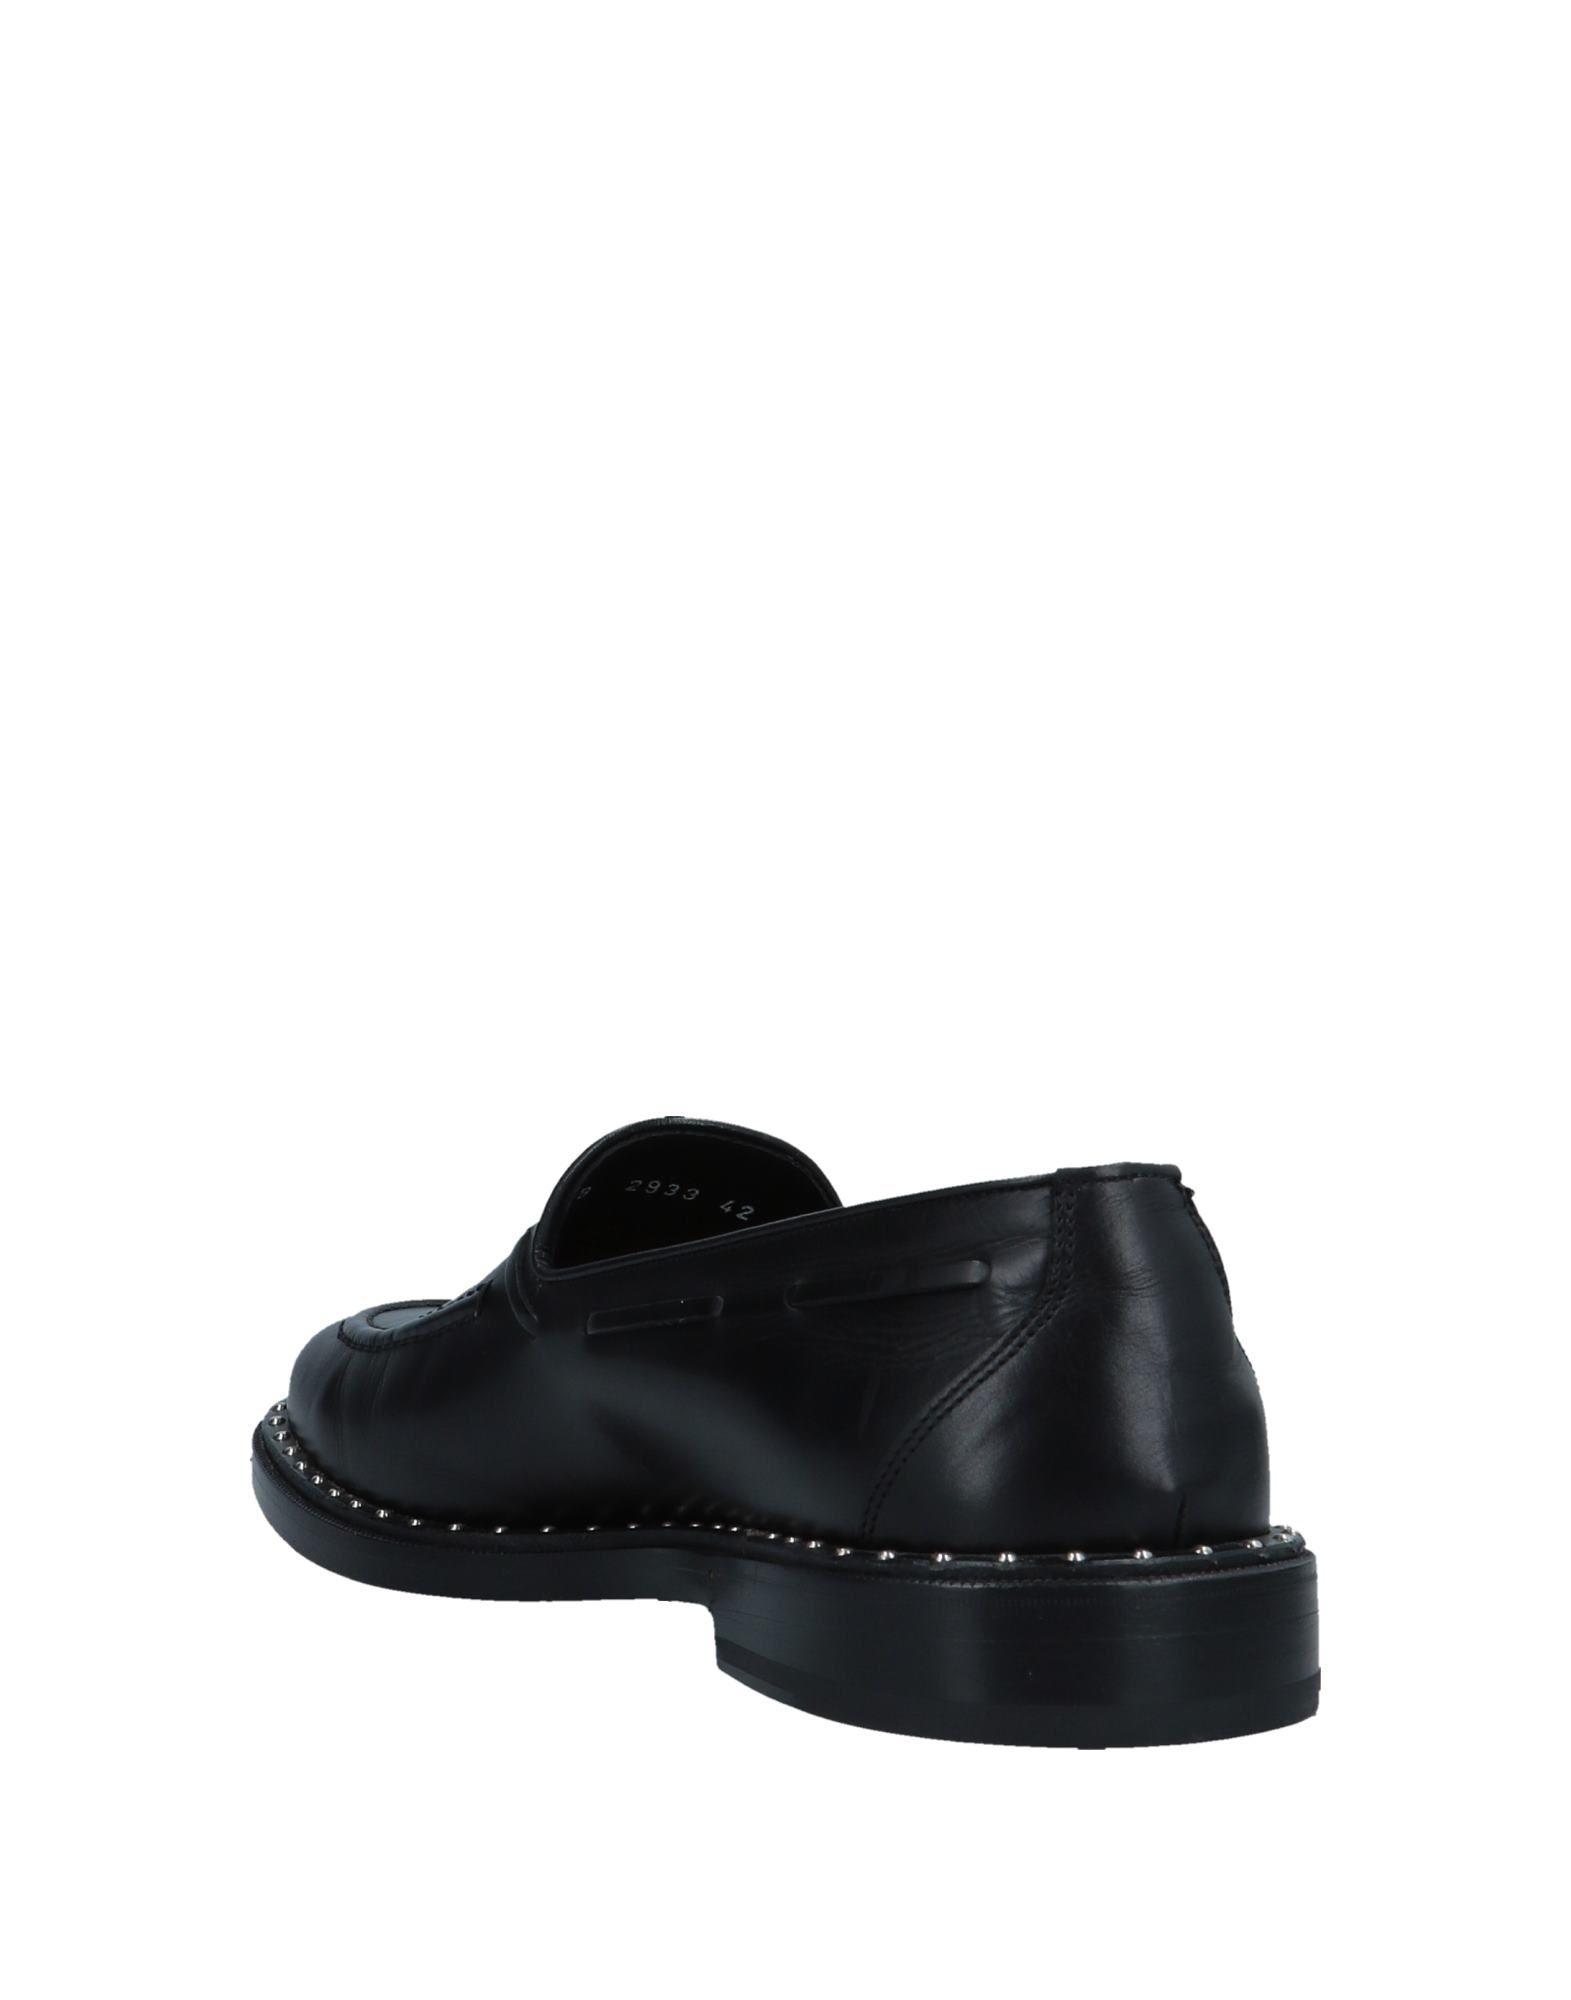 Barracuda Mokassins Herren  11557181TI Schuhe Gute Qualität beliebte Schuhe 11557181TI 0d0292